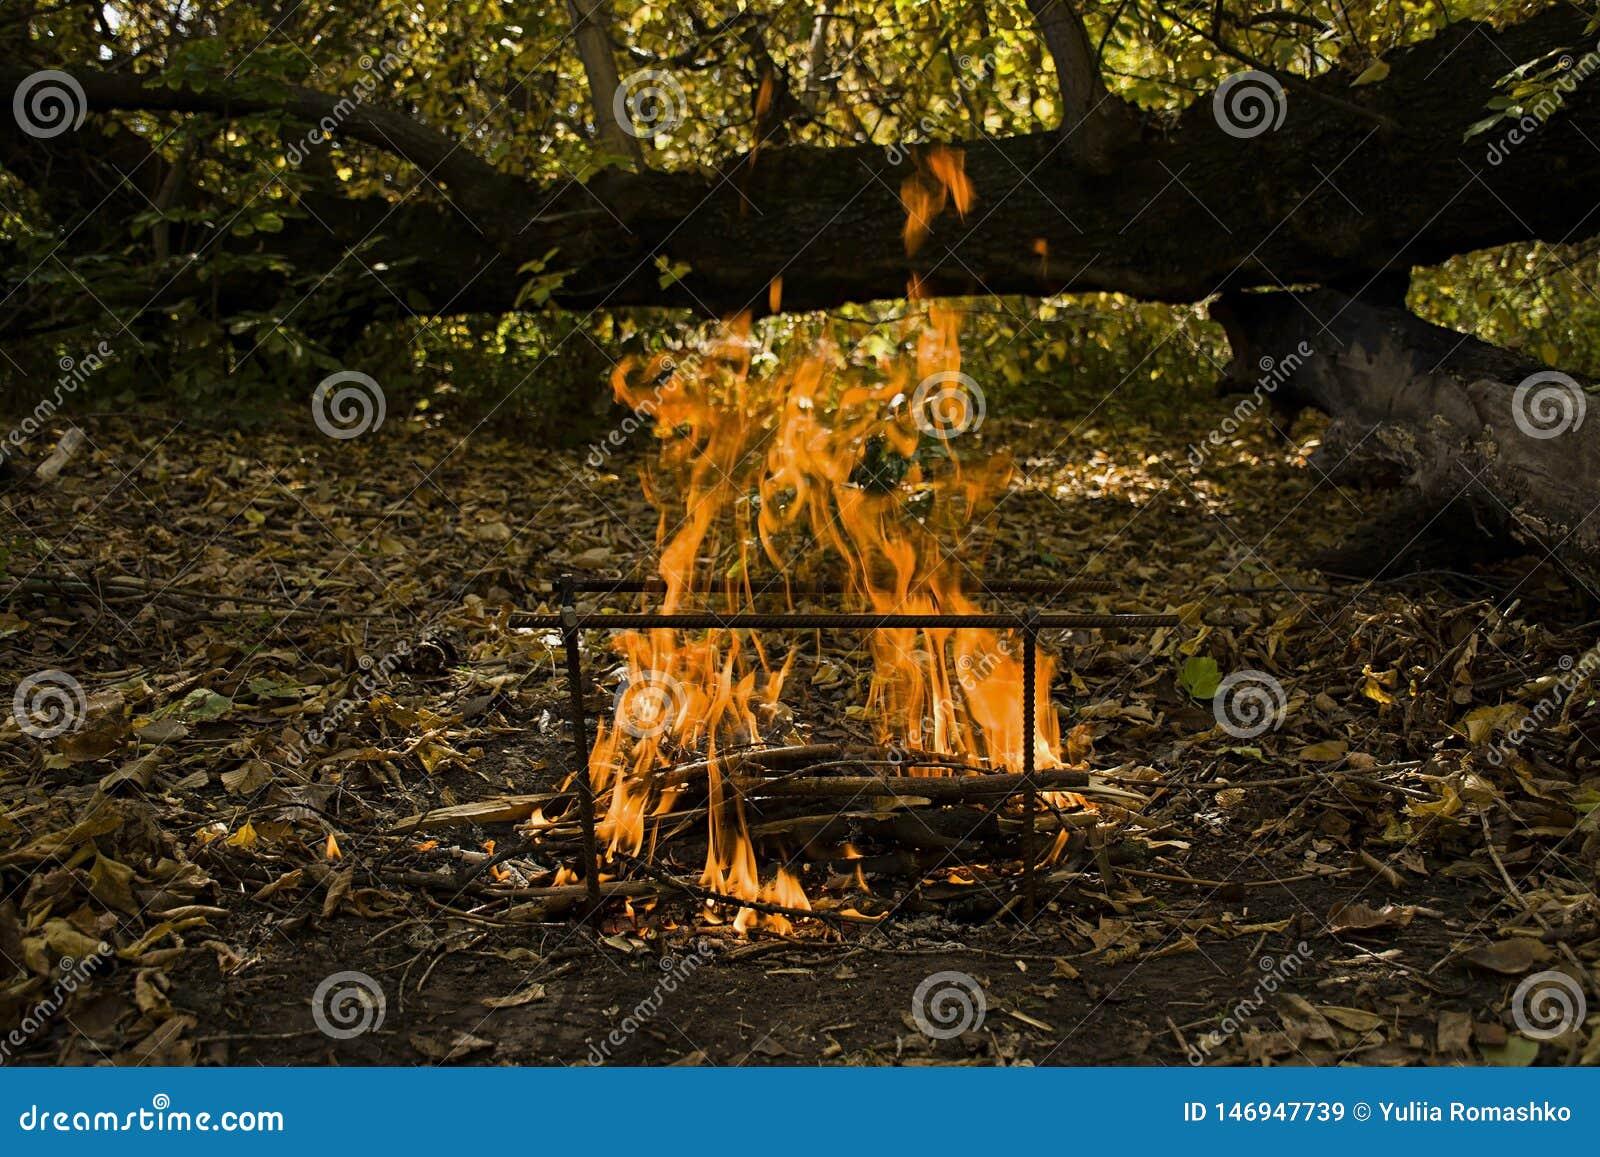 Atmosferyczny płomień pożarniczym zbliżeniem target39_1_ leisure plenerowy lunchu odtwarzanie Piękny pomarańcze ogień z dymem z k